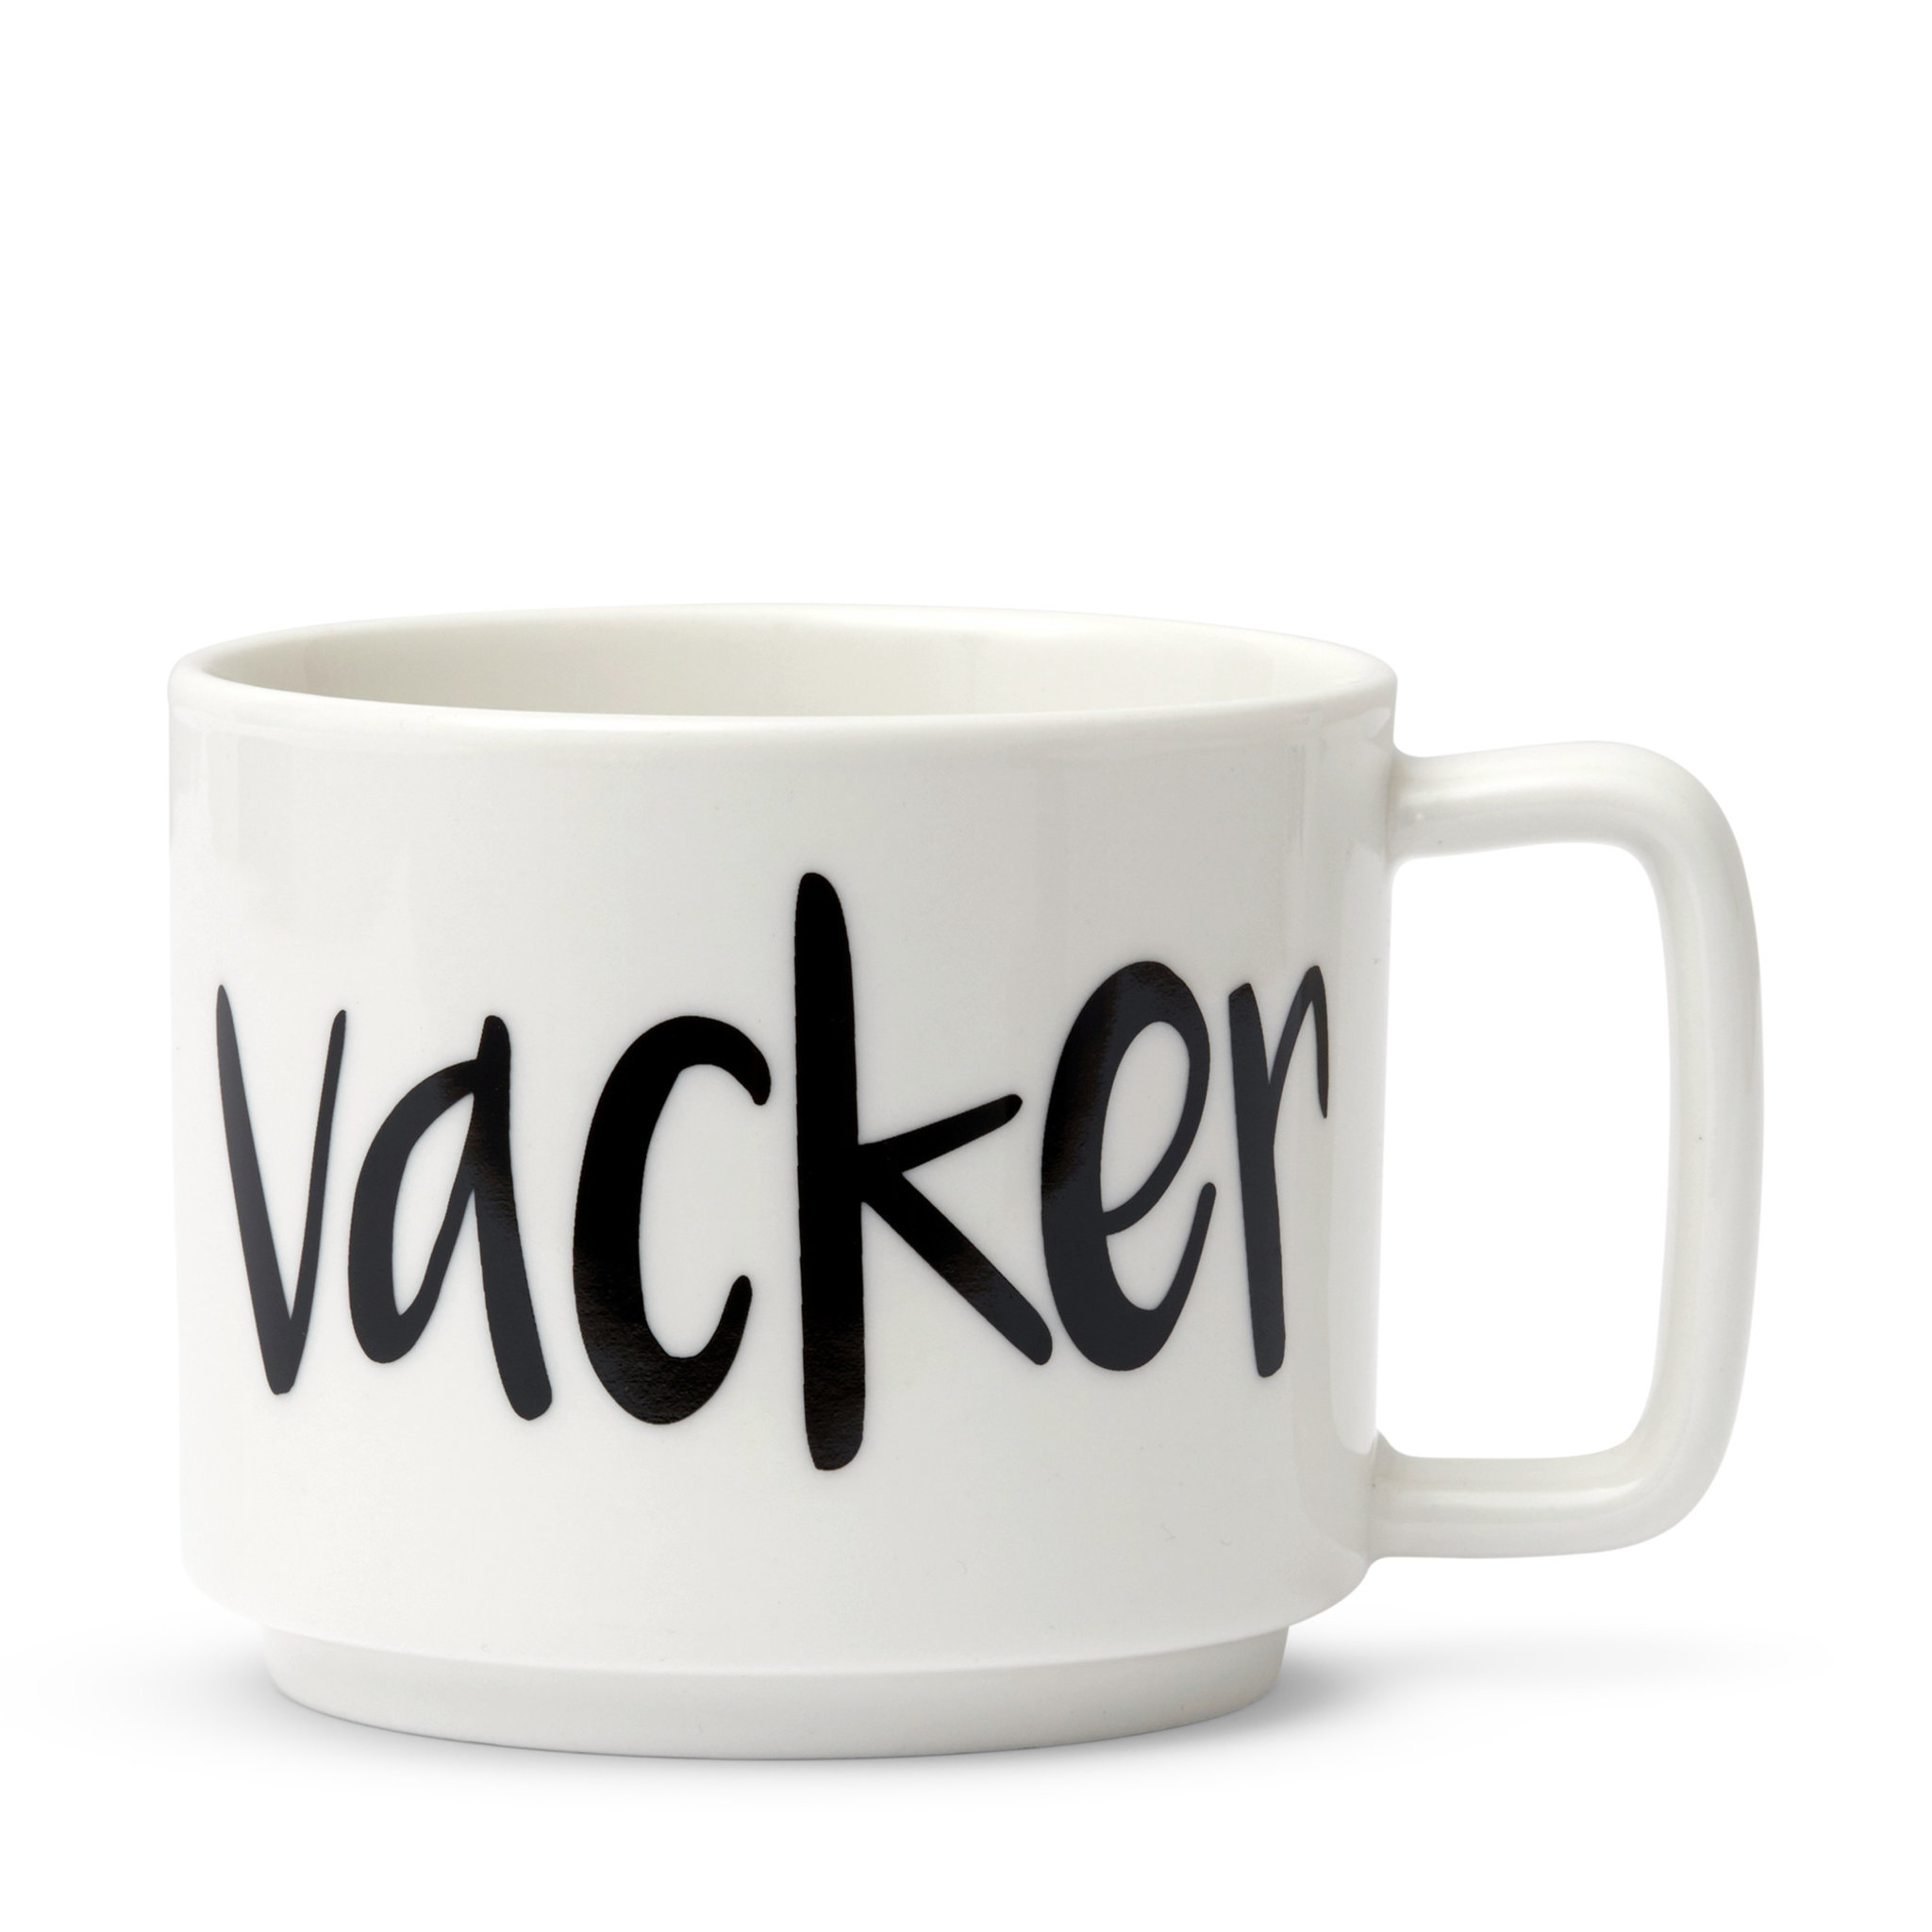 Mugg Vacker, 40 cl